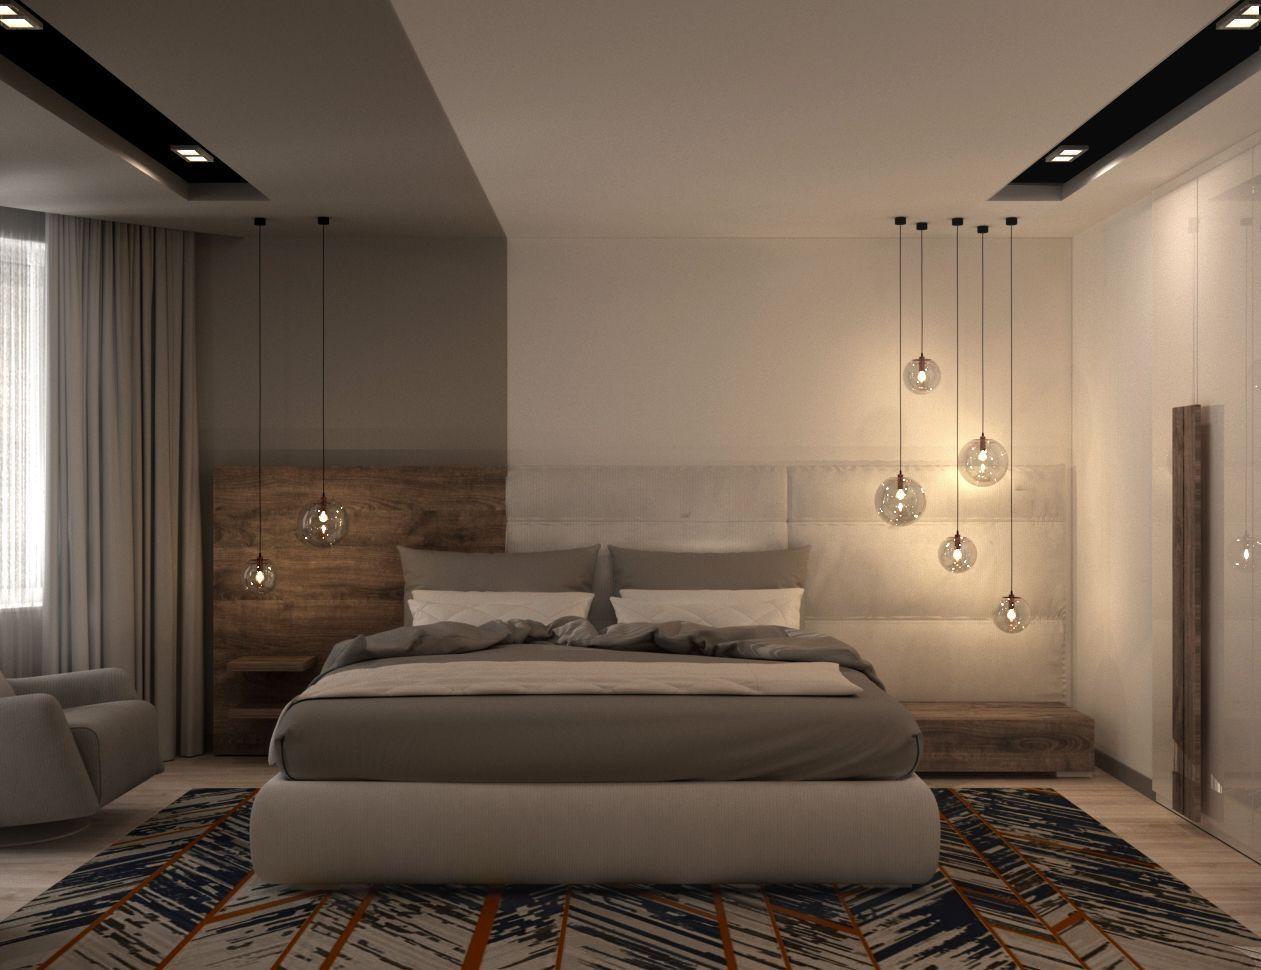 Trendy Bedroom Industrial Lighting Window 60 Ideas Bedroom Exposed Brick Bedroom Rustic Bedroom Furniture Brick Bedroom